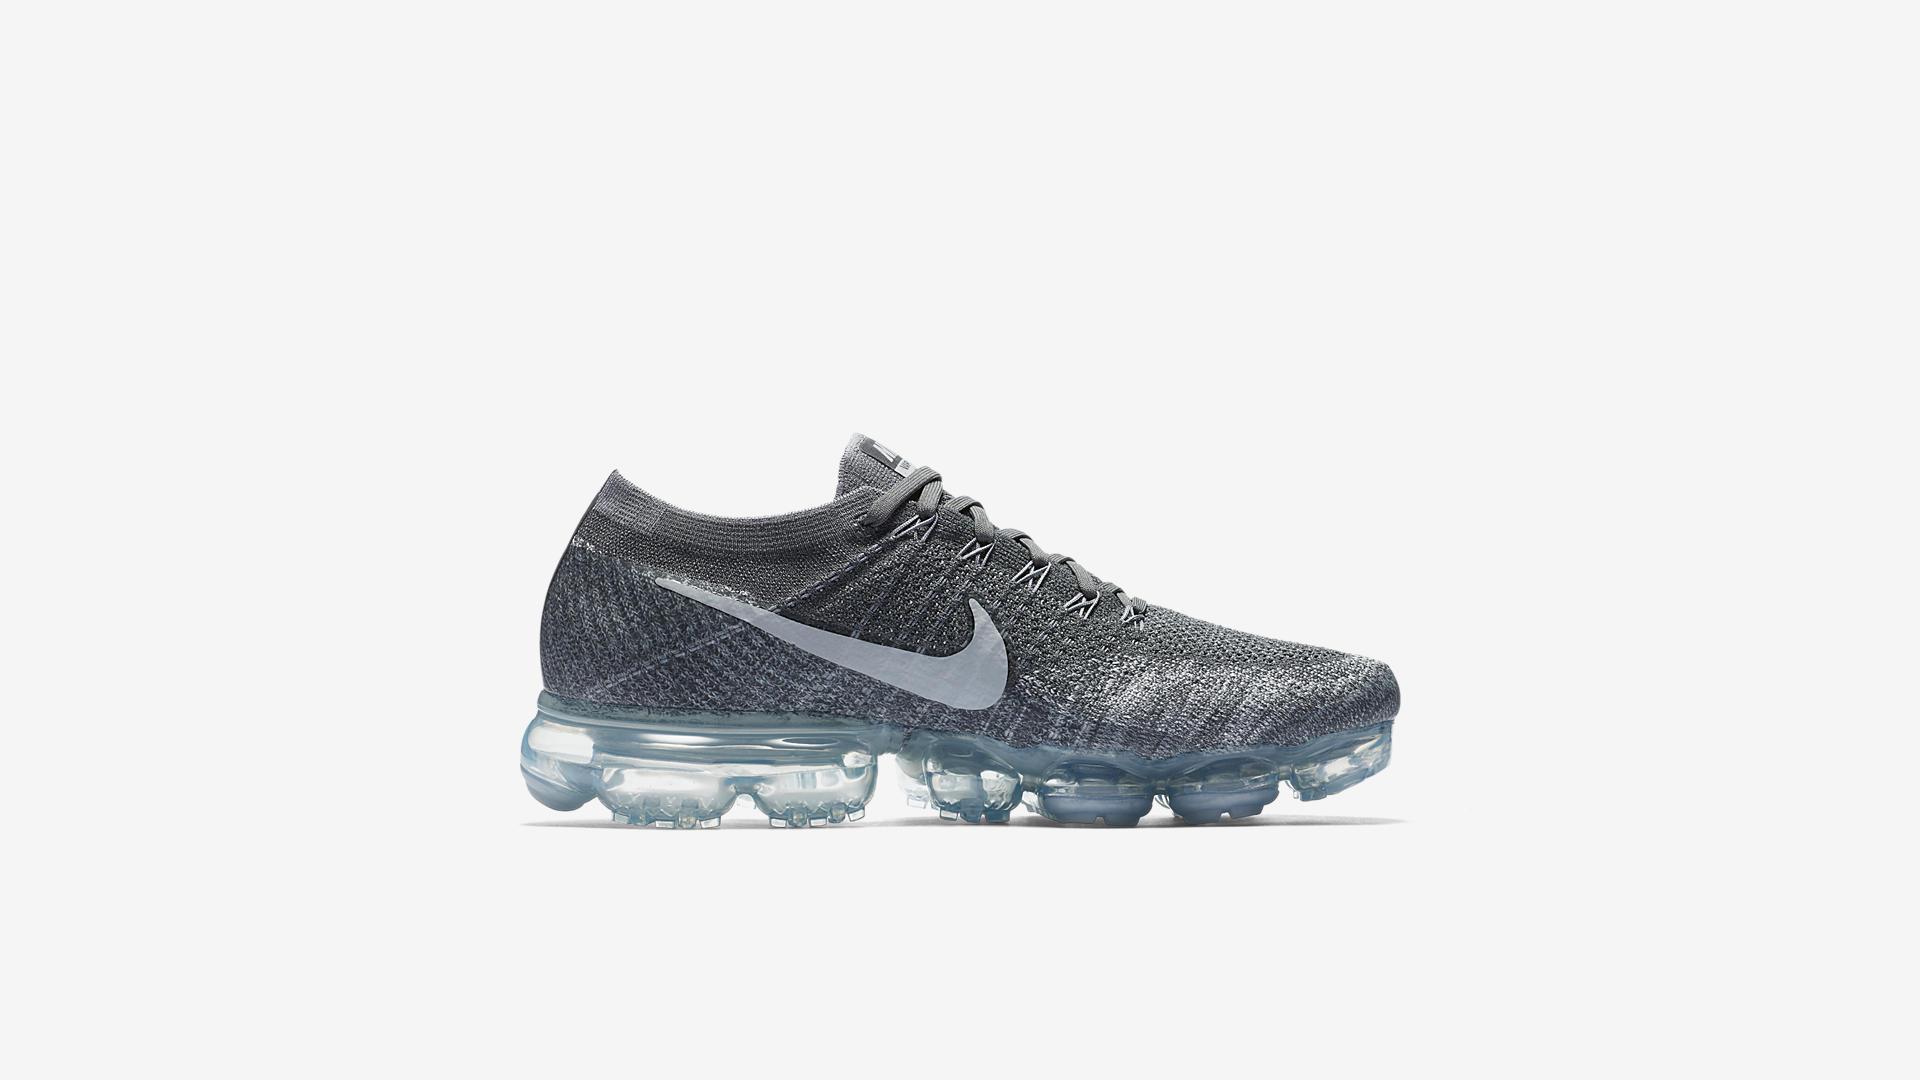 Nike Vapormax Flyknit Asphalt 849558 002 4